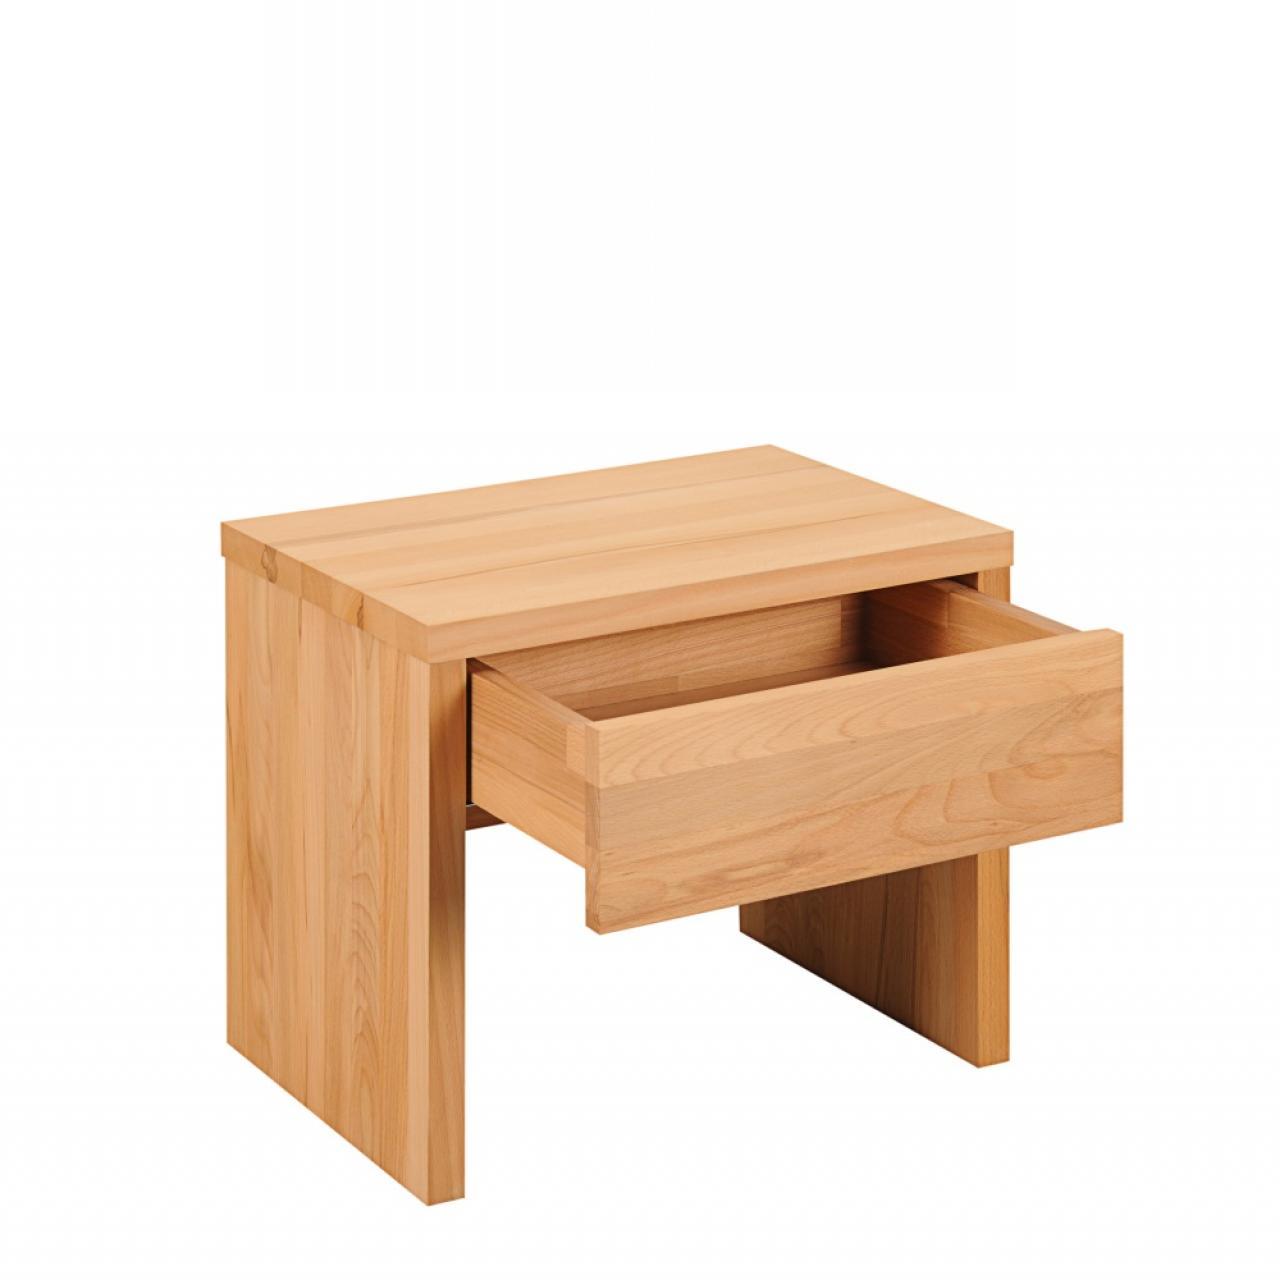 nachtkonsole wildbuche massivholz 1 schubkasten m bel j hnichen center gmbh. Black Bedroom Furniture Sets. Home Design Ideas